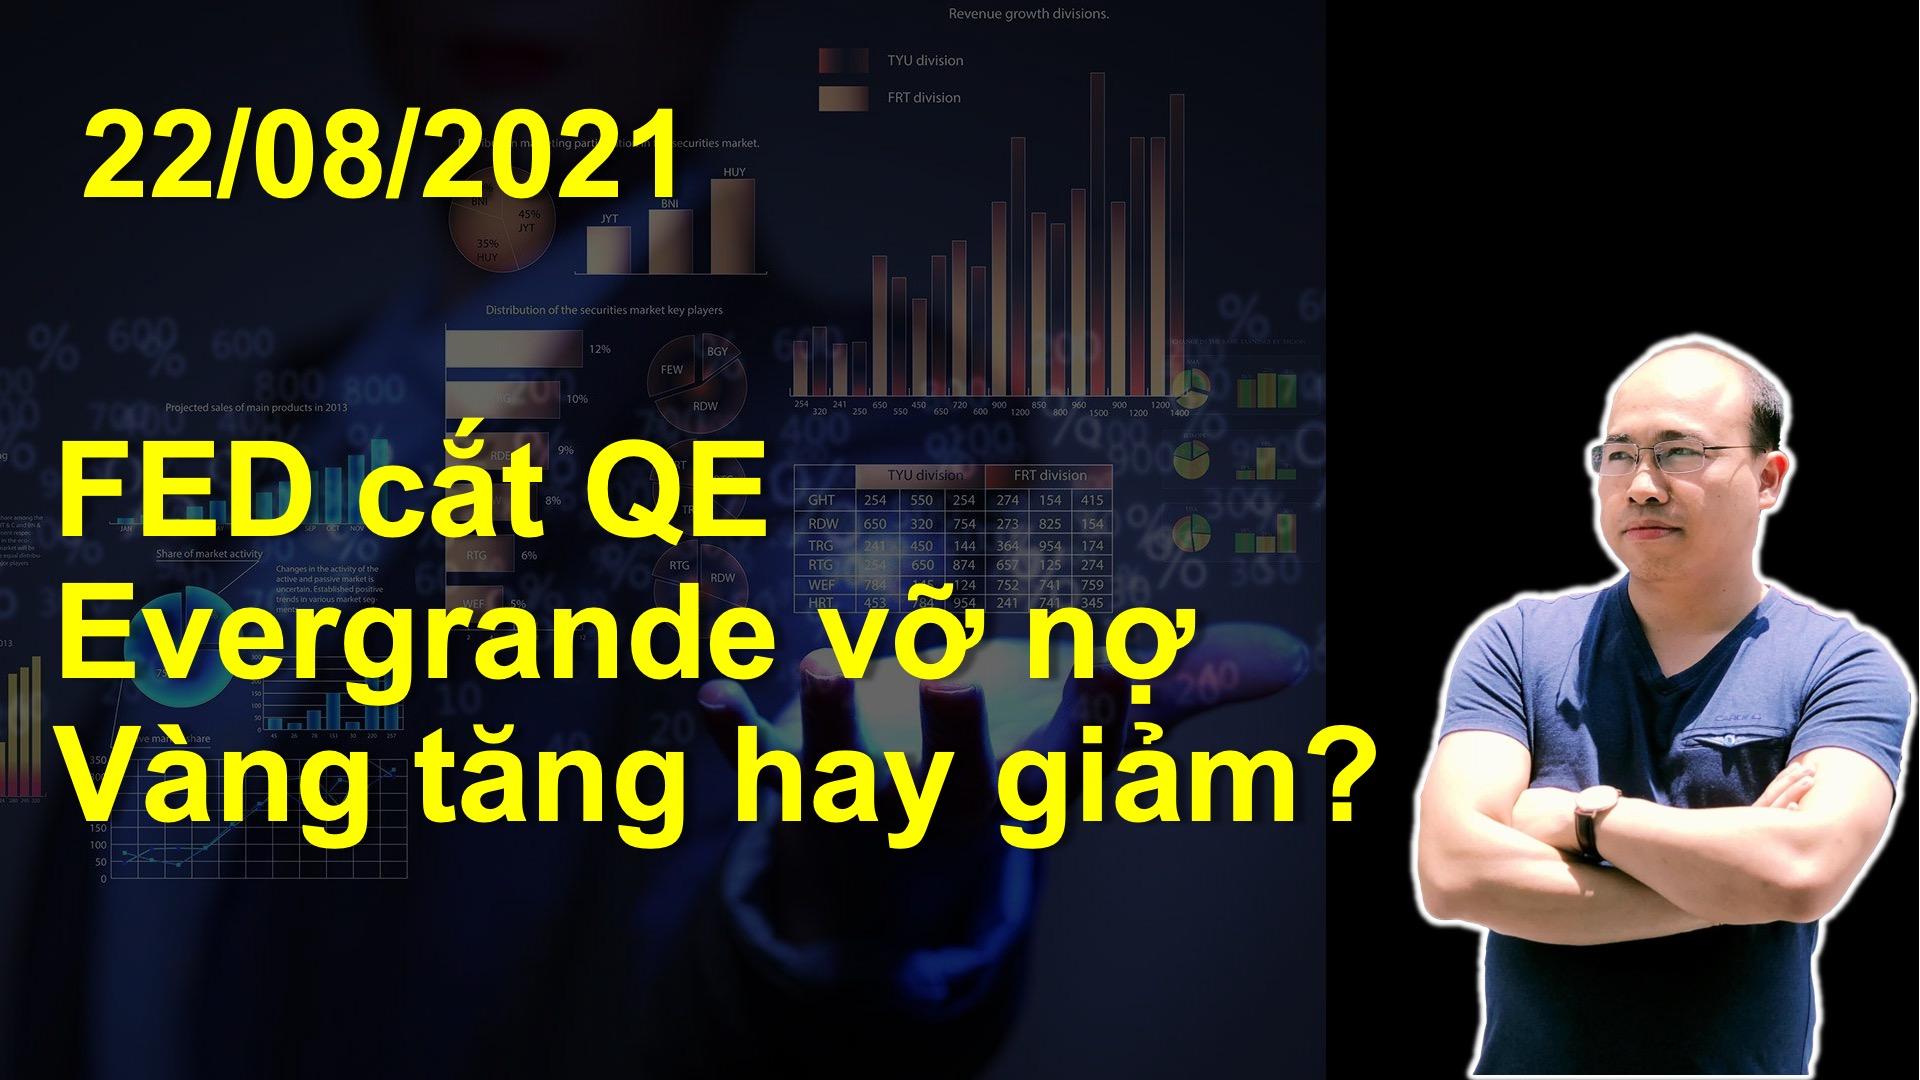 Video 22/9: Bom nợ Evergrande, Fed cắt QE… Vàng đi theo hướng nào?